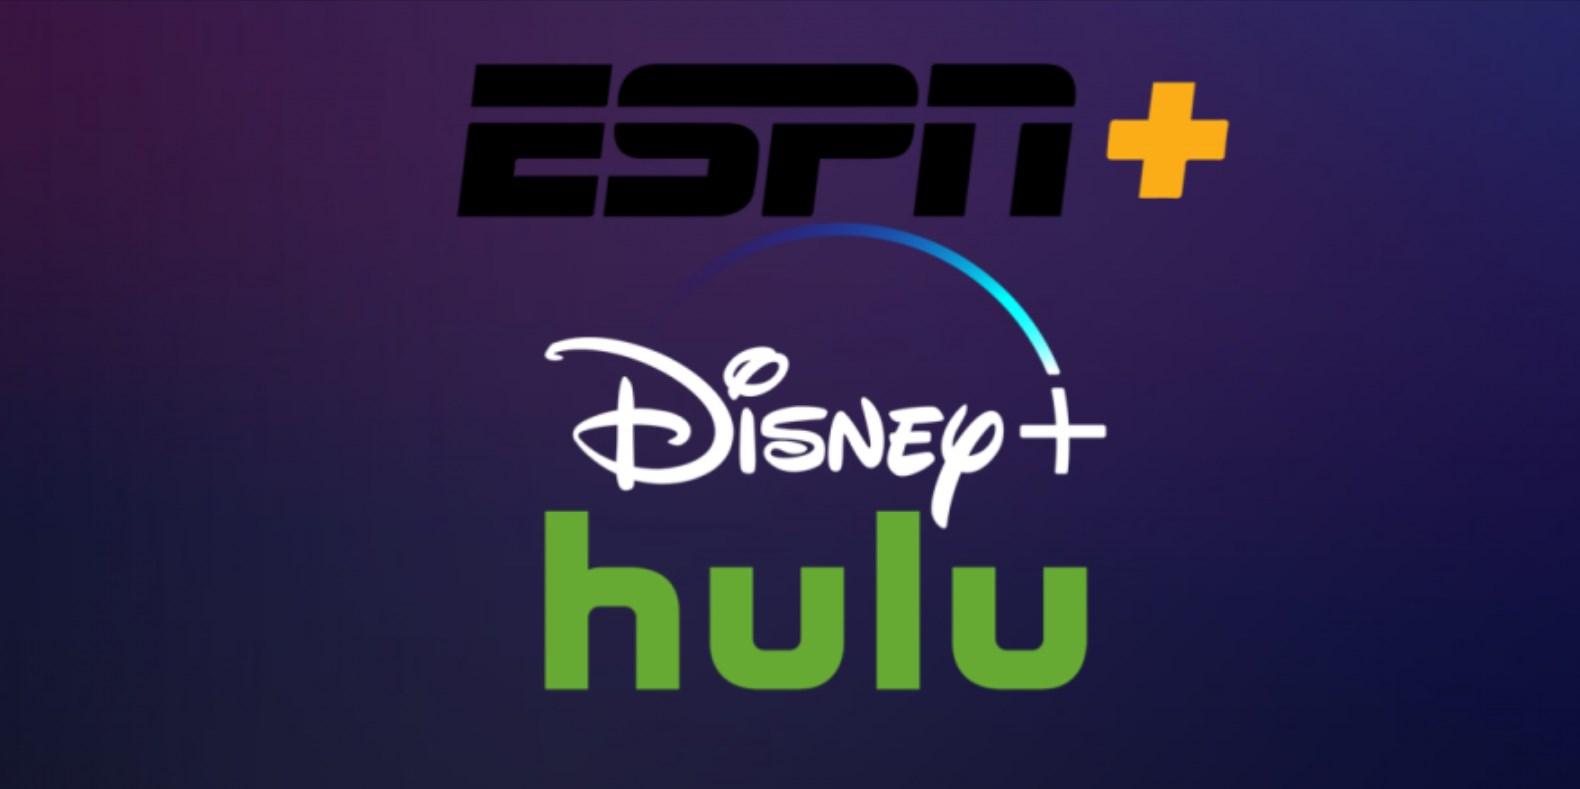 Disney+ hodlá v súboji streamovacích služieb vytiahnuť tie najväčšie kalibre